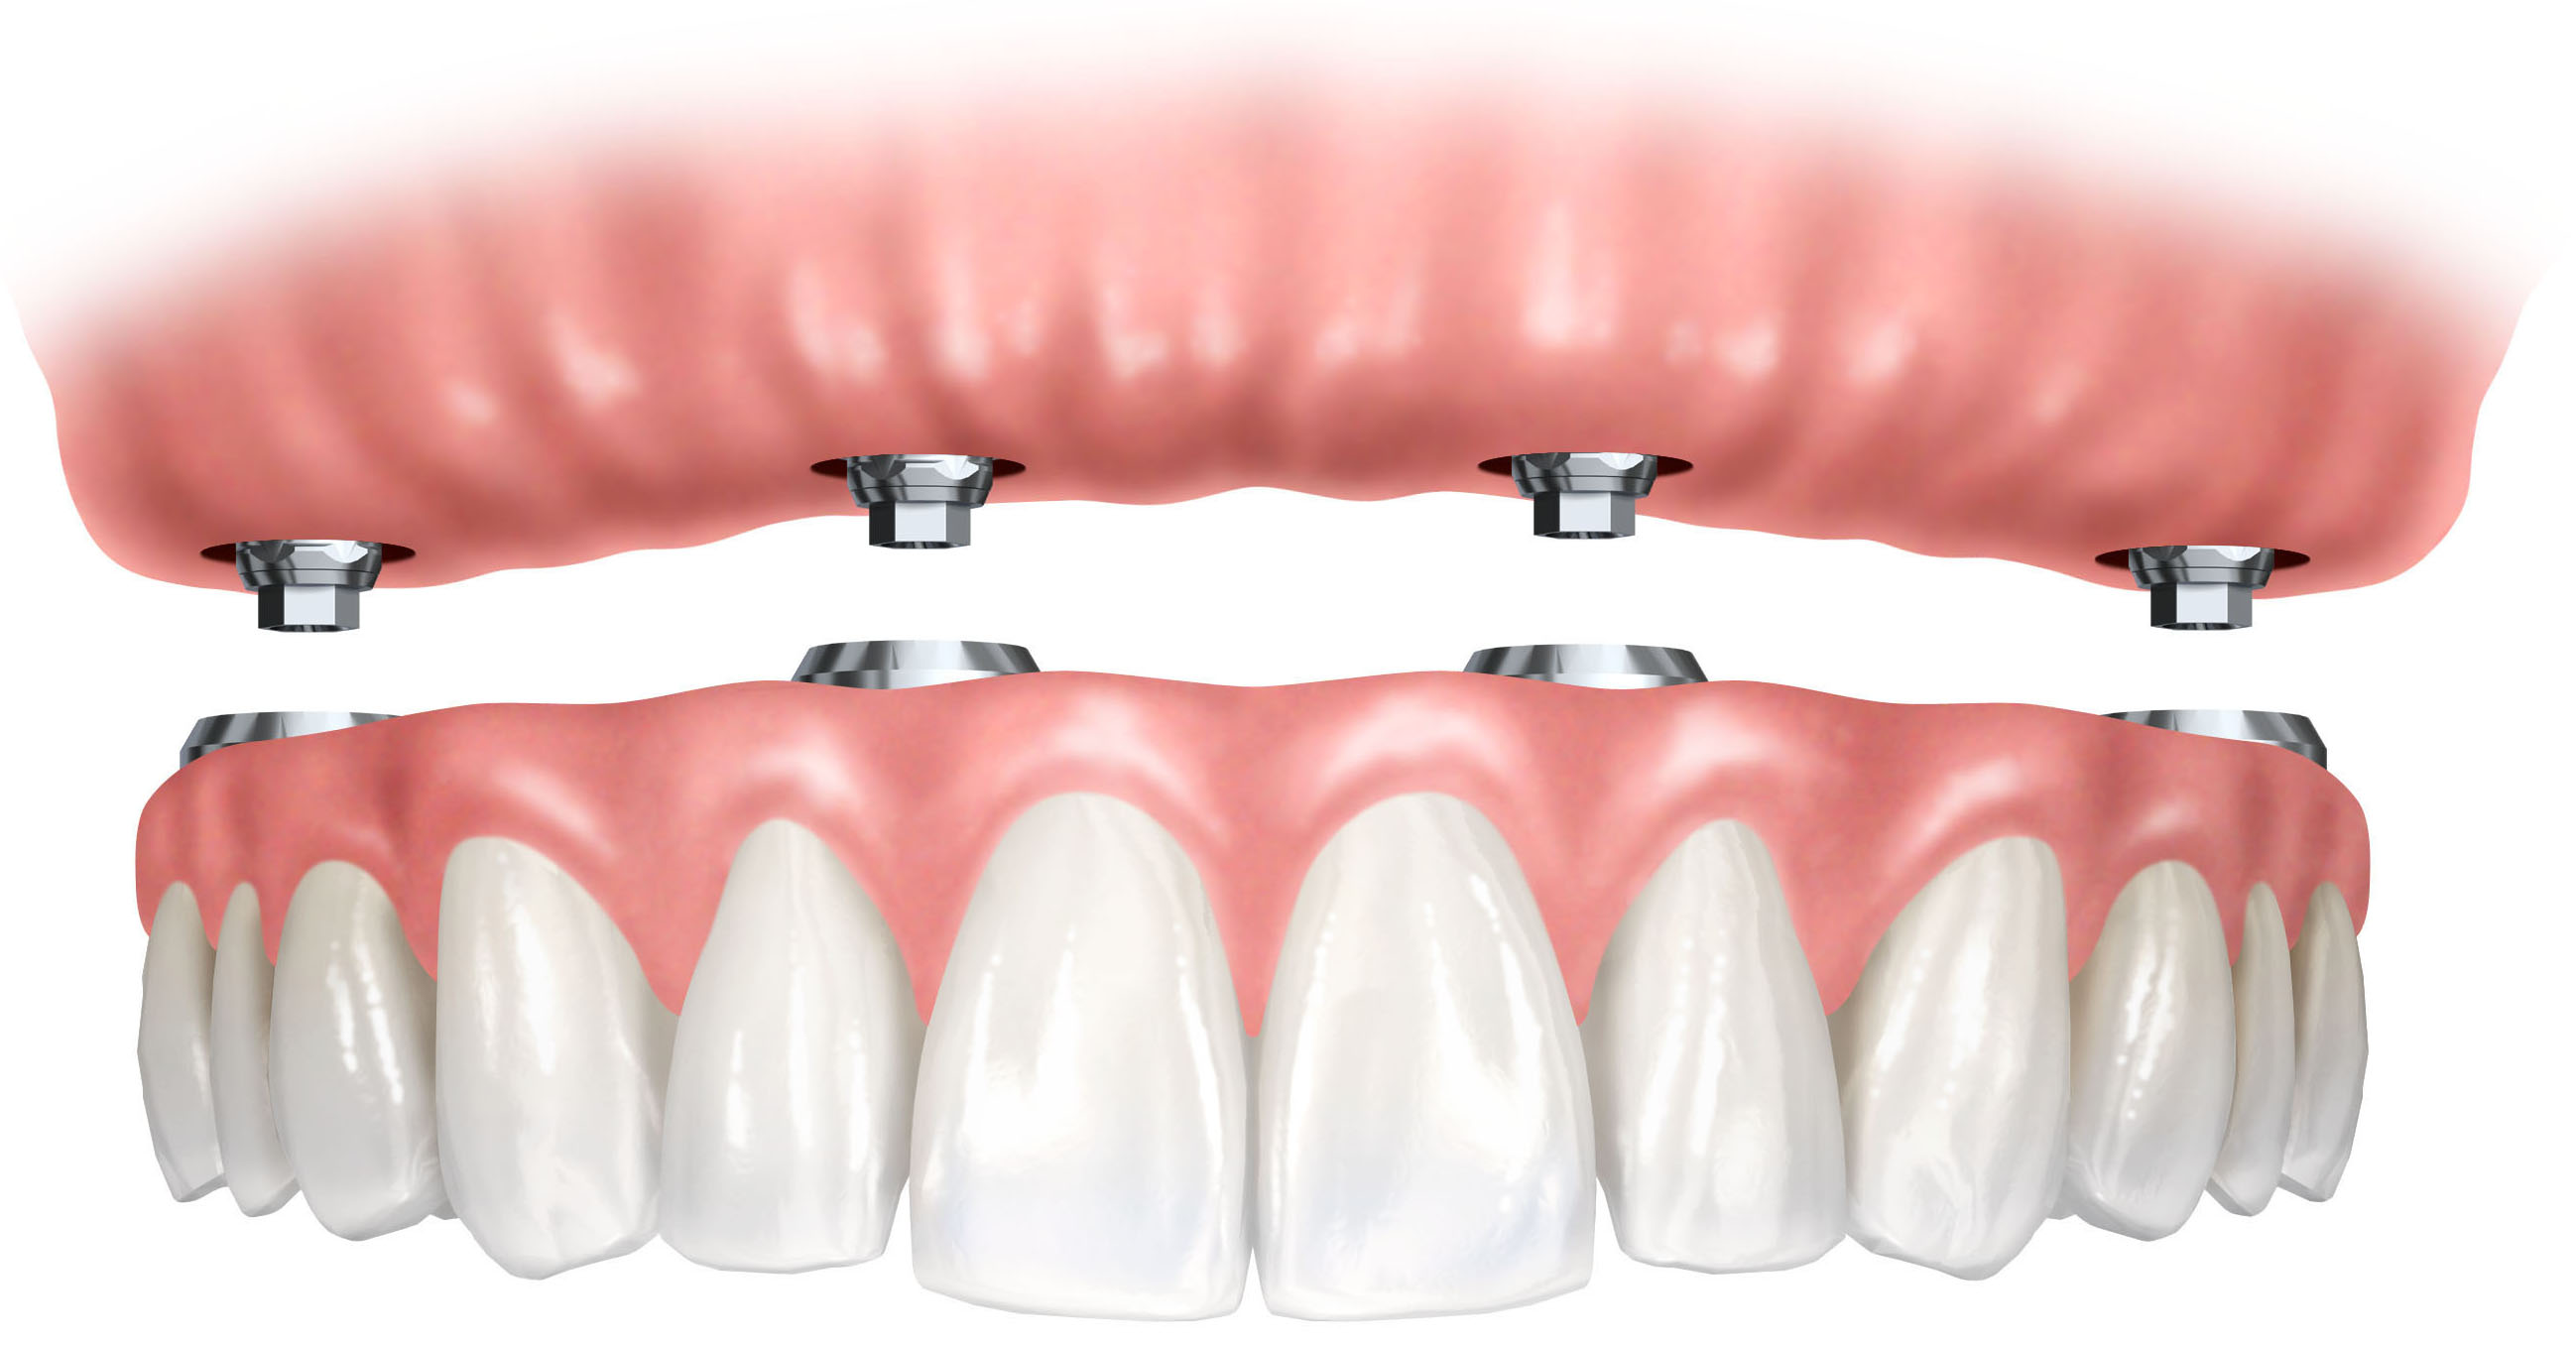 Fotos de proteses fixas dentarias 69